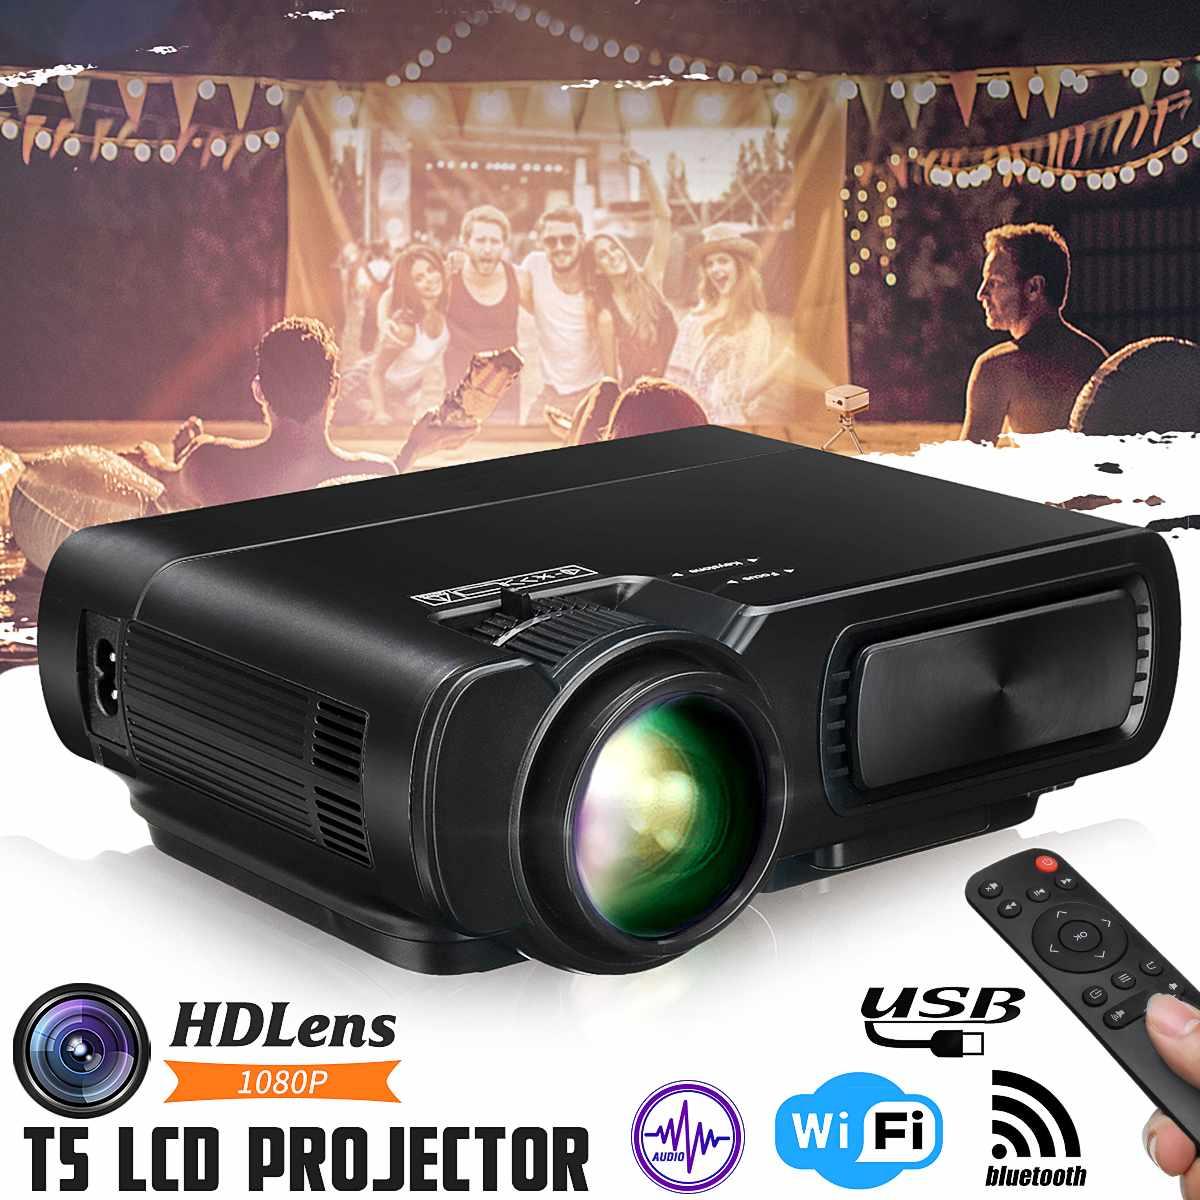 Mini projecteur T5 LCD 7000 Lumens 1080 P Full HD Wifi bluetooth Home cinéma Android 6.0 haut-parleur Home cinéma